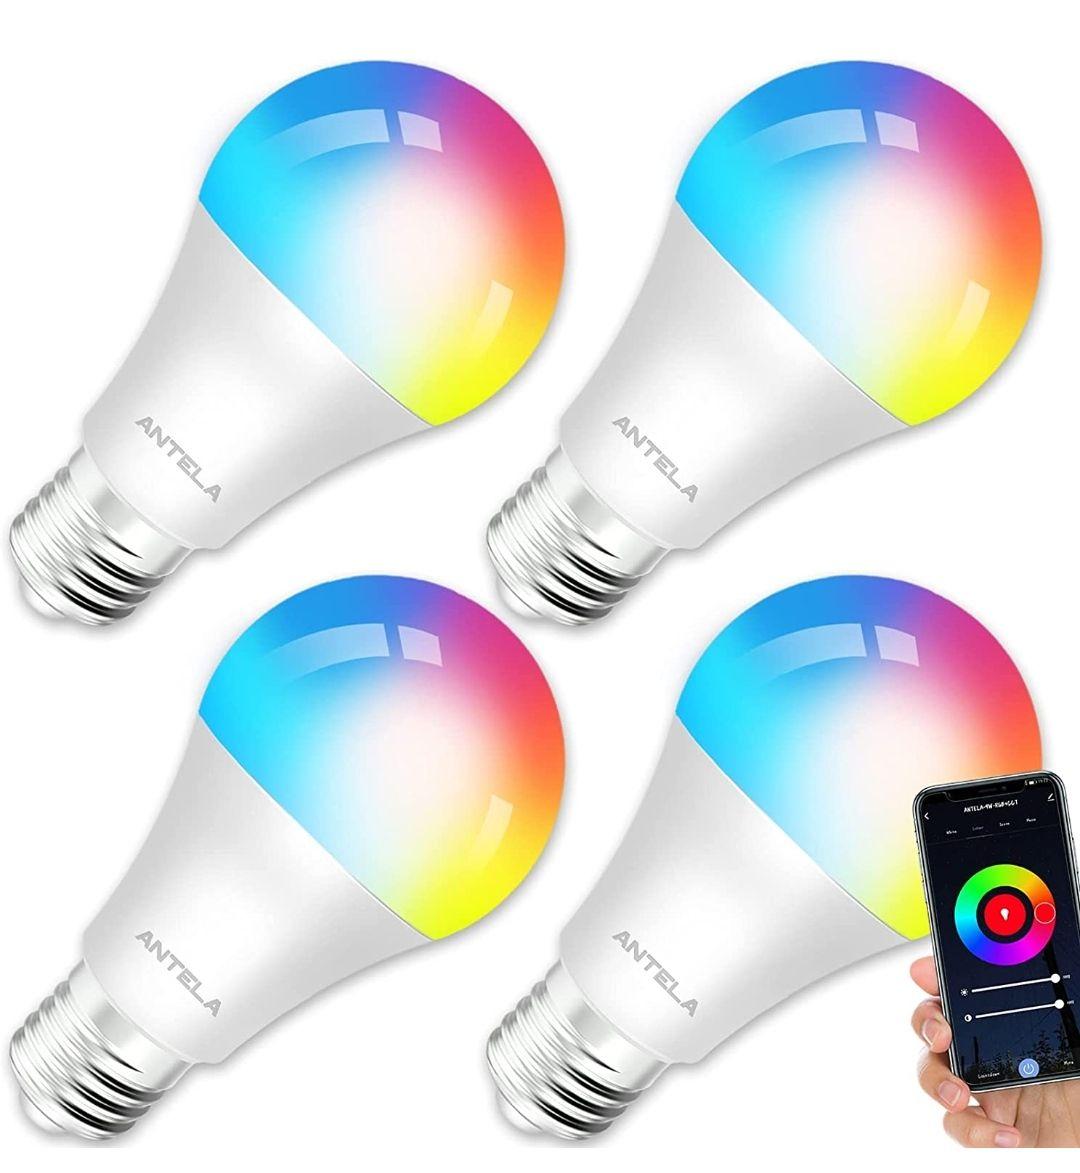 Pack de 4 bombillas compatibles con Alexa. La unidad sale a 5€